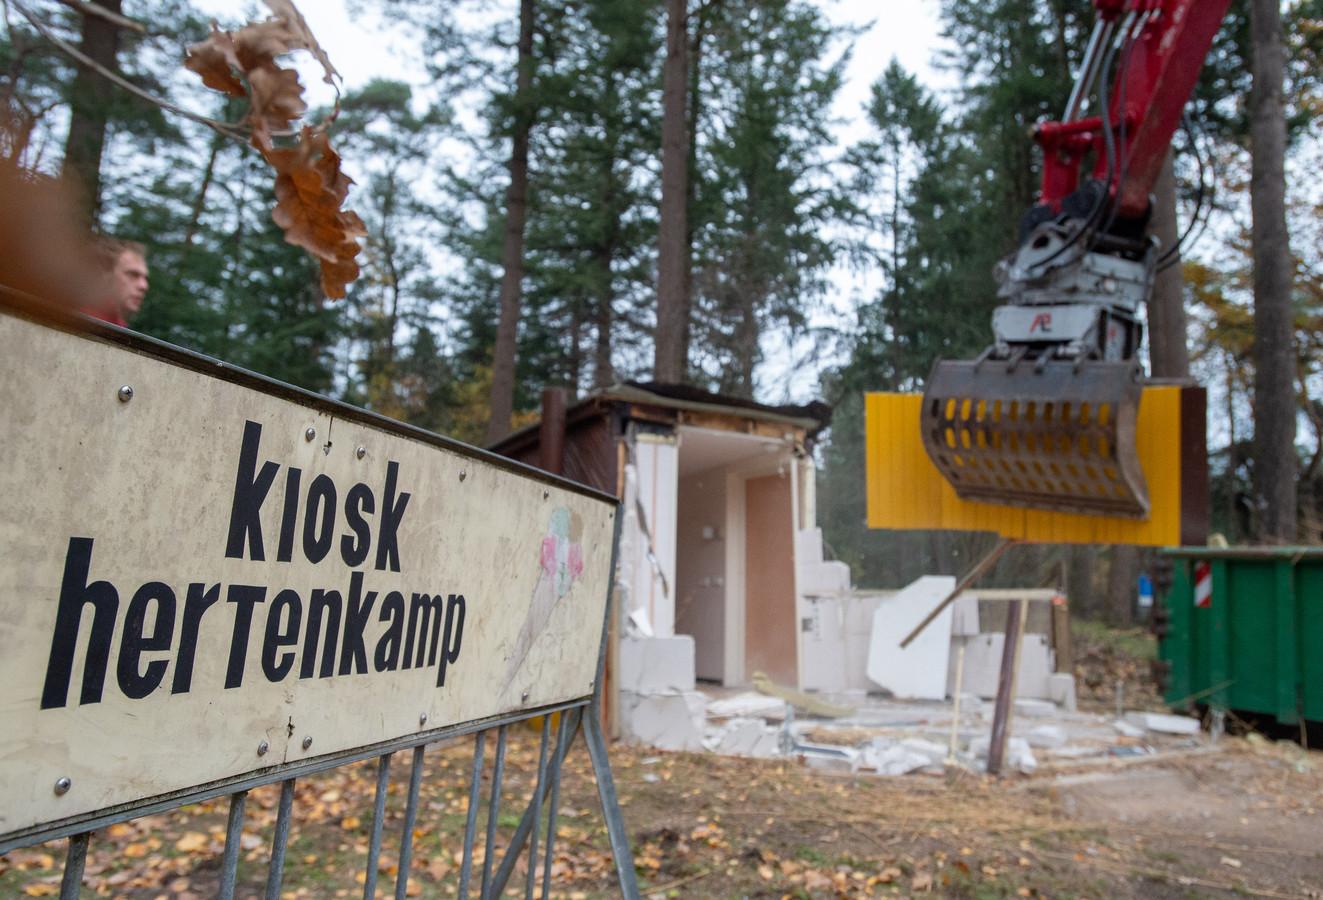 Afgelopen november is de kiosk bij het Hertenkamp gesloopt.